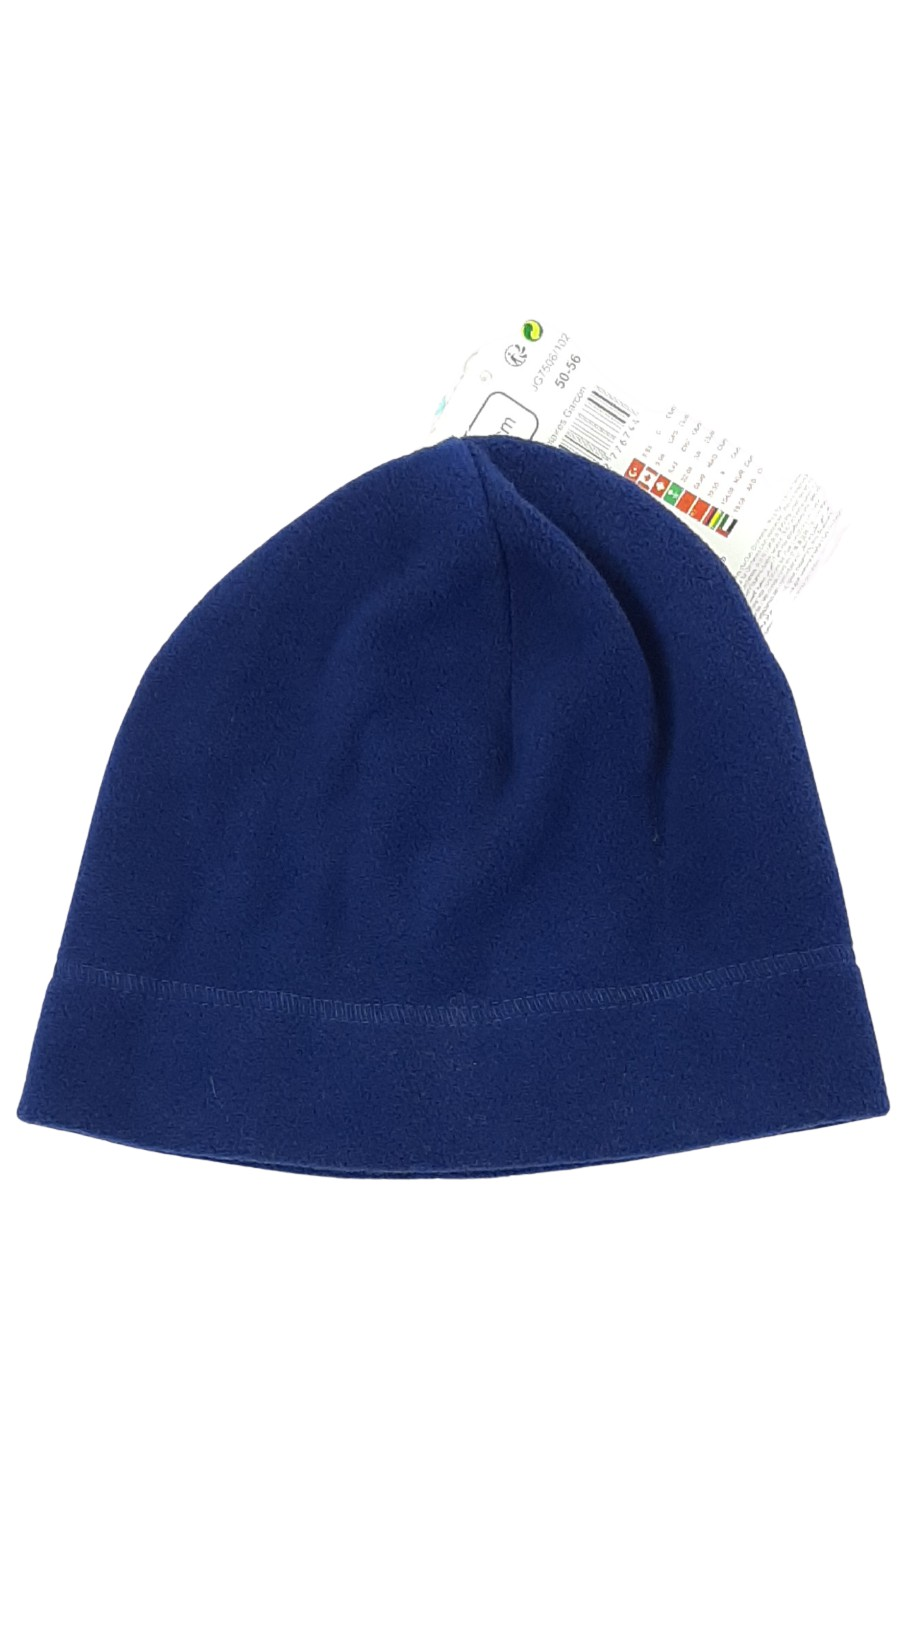 Bonnet/tuque chaude taille 56 cm 1